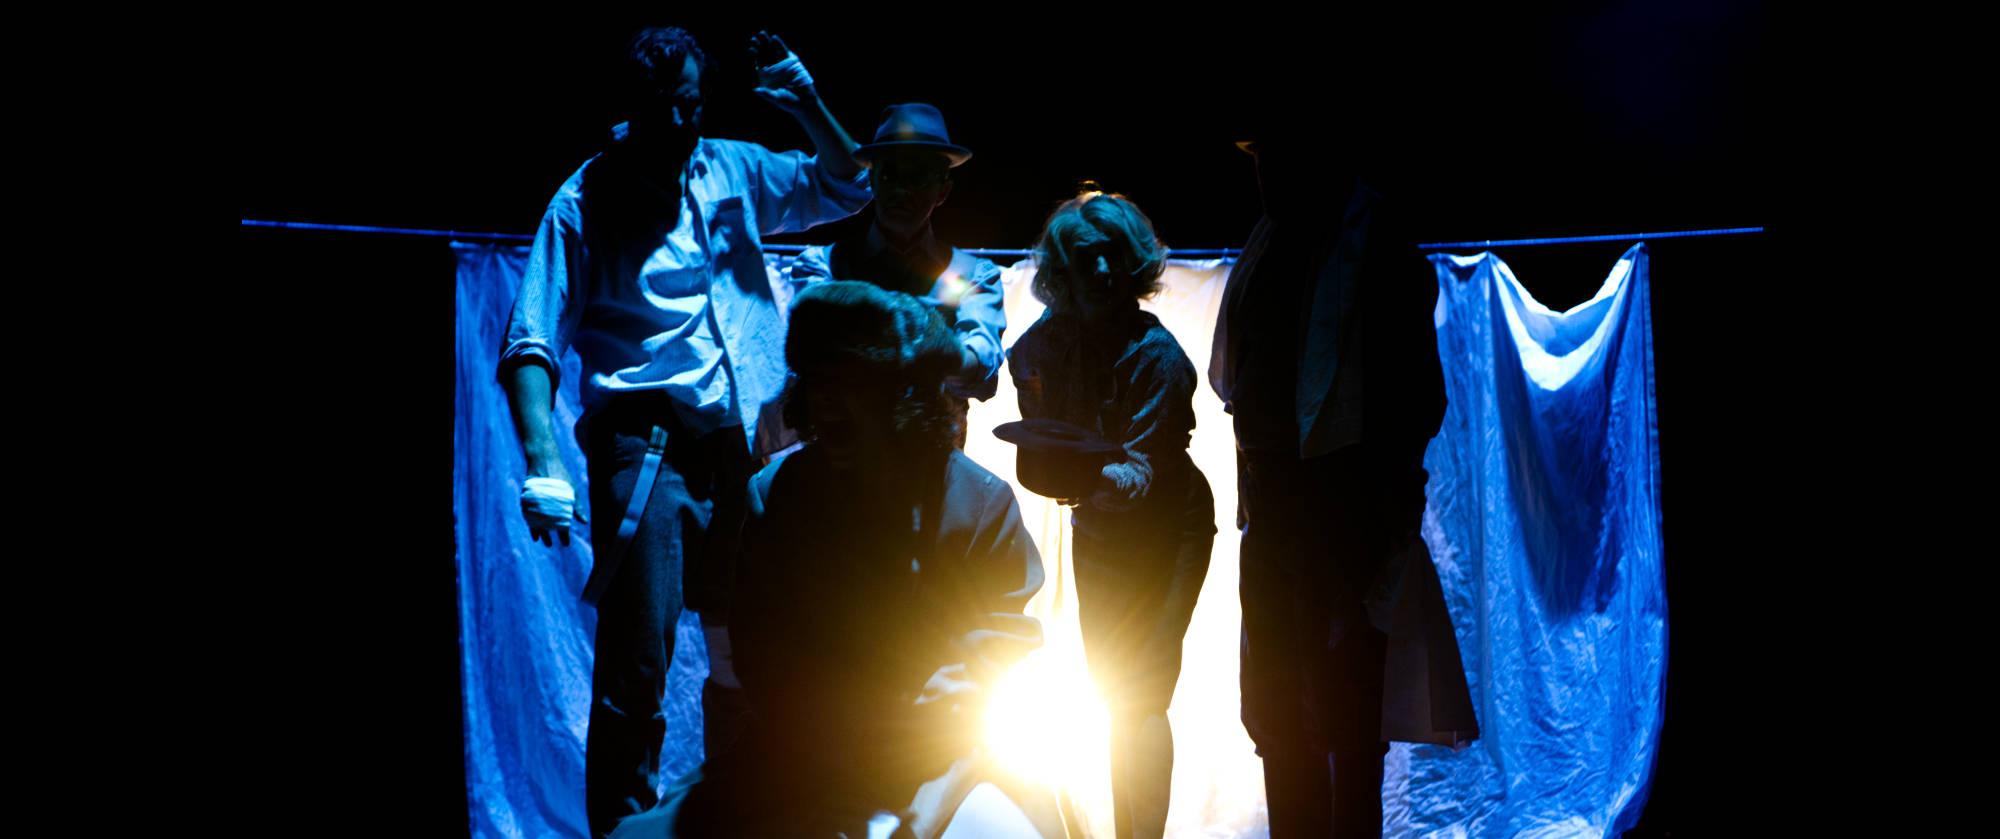 016-BLACK-RIDER-Staatstheater-Cottbus-Regie-und-Buehne-Malte-Kreutzfeldt-2019-photo-c-Marlies-Kross-2019